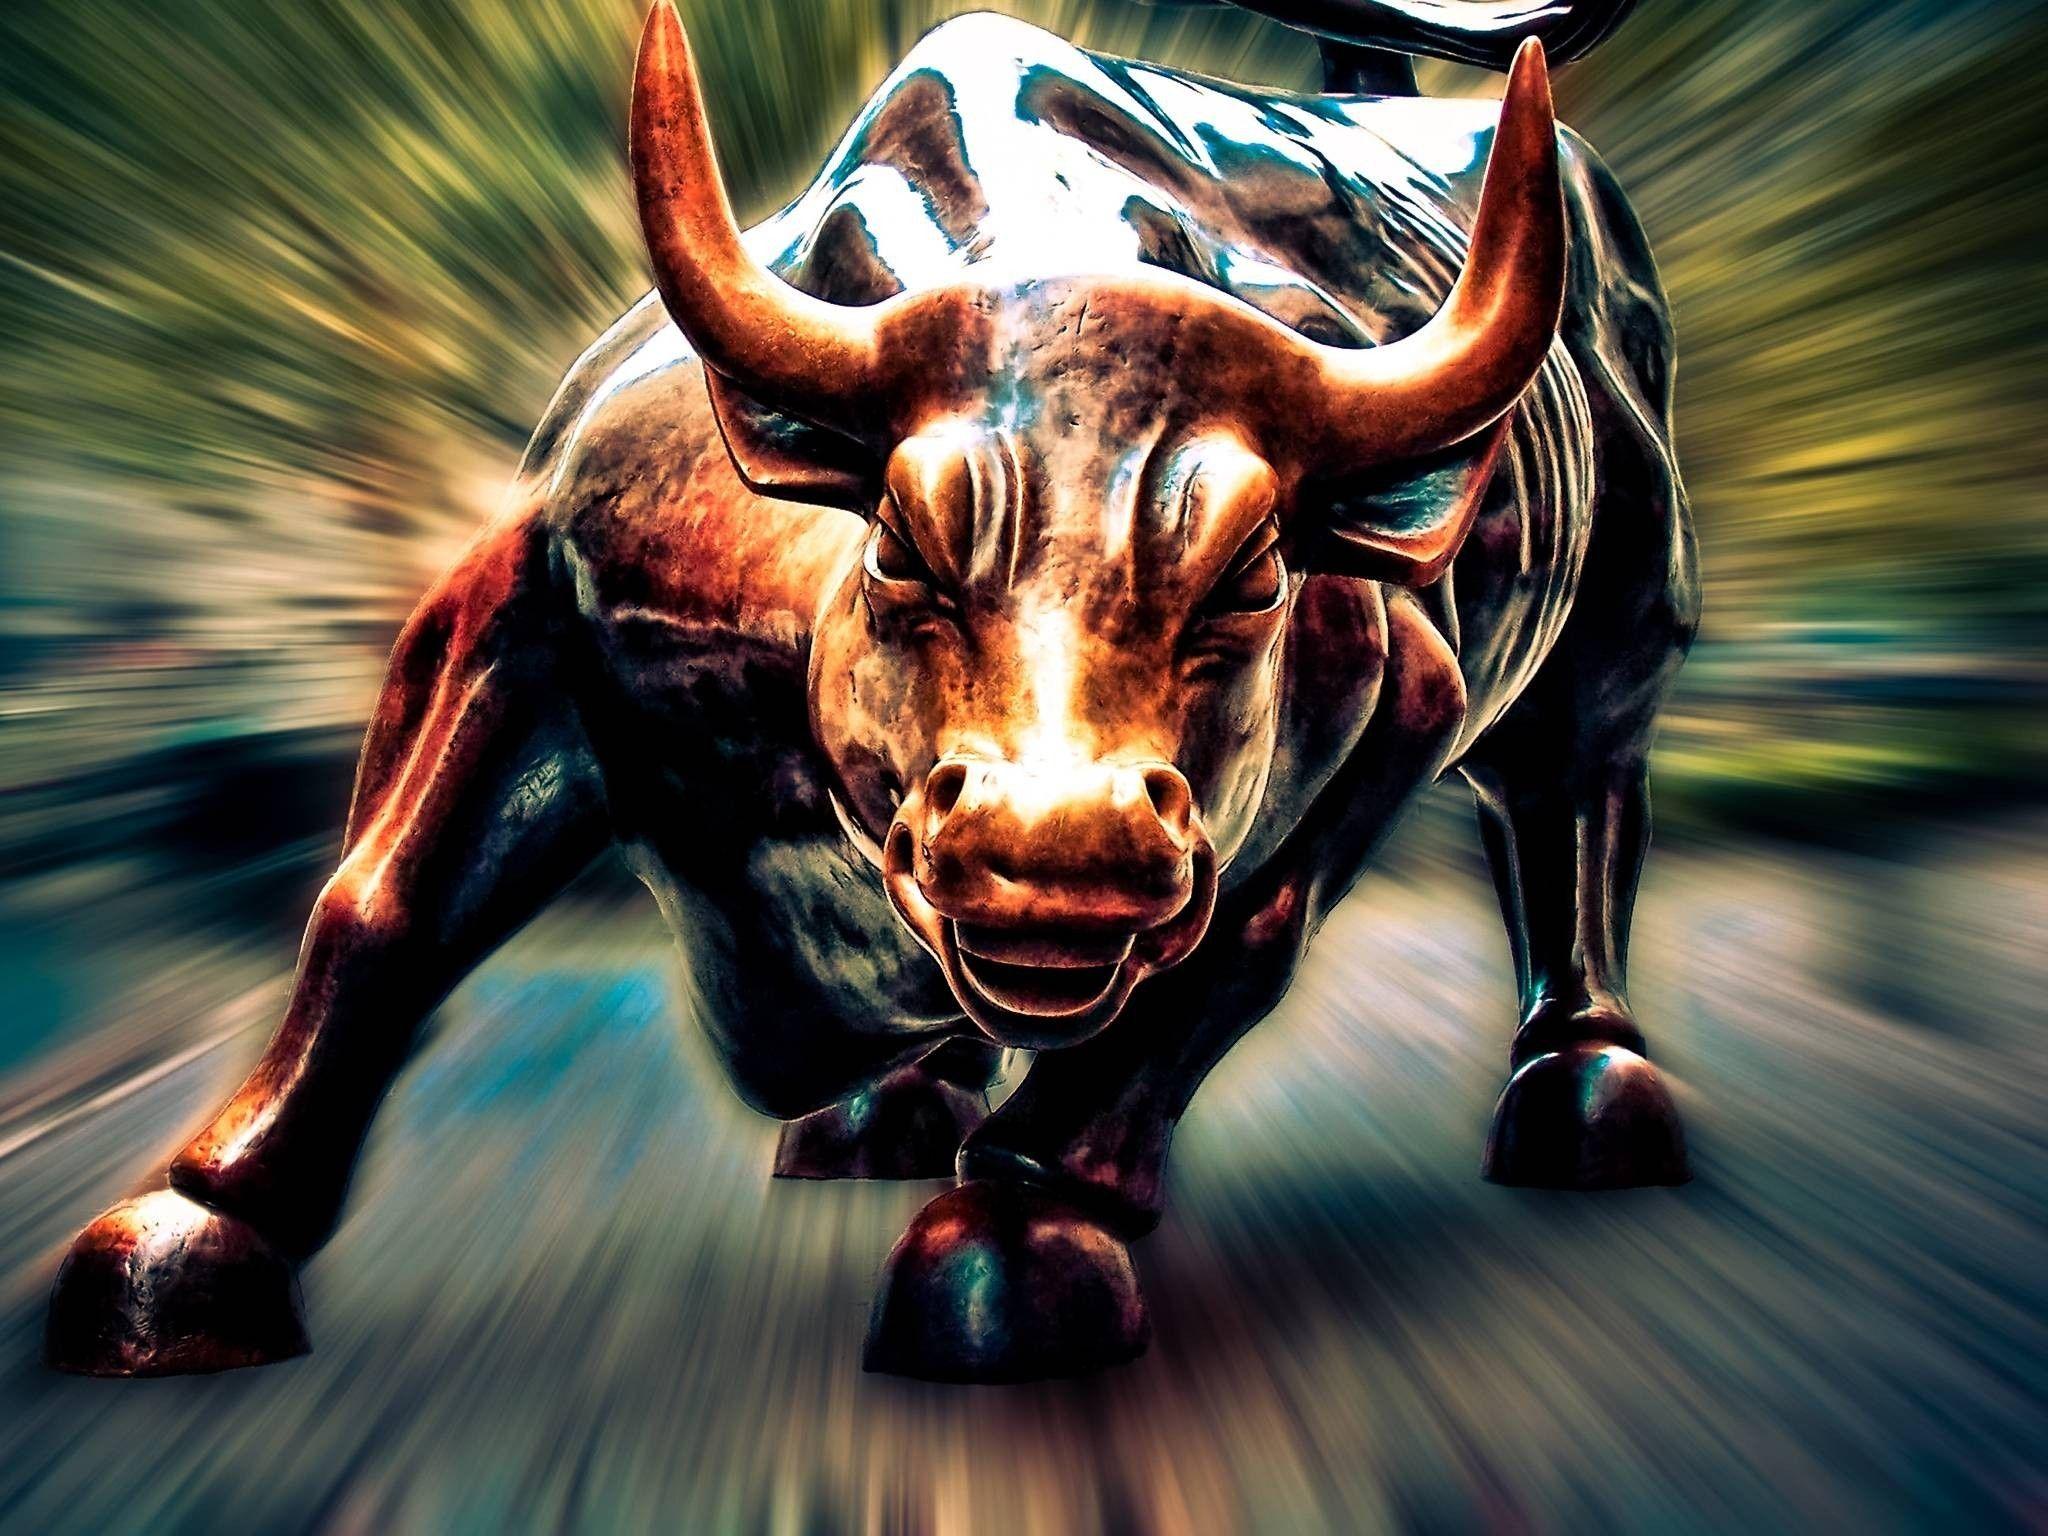 بازار گاوی و خرسی چیست